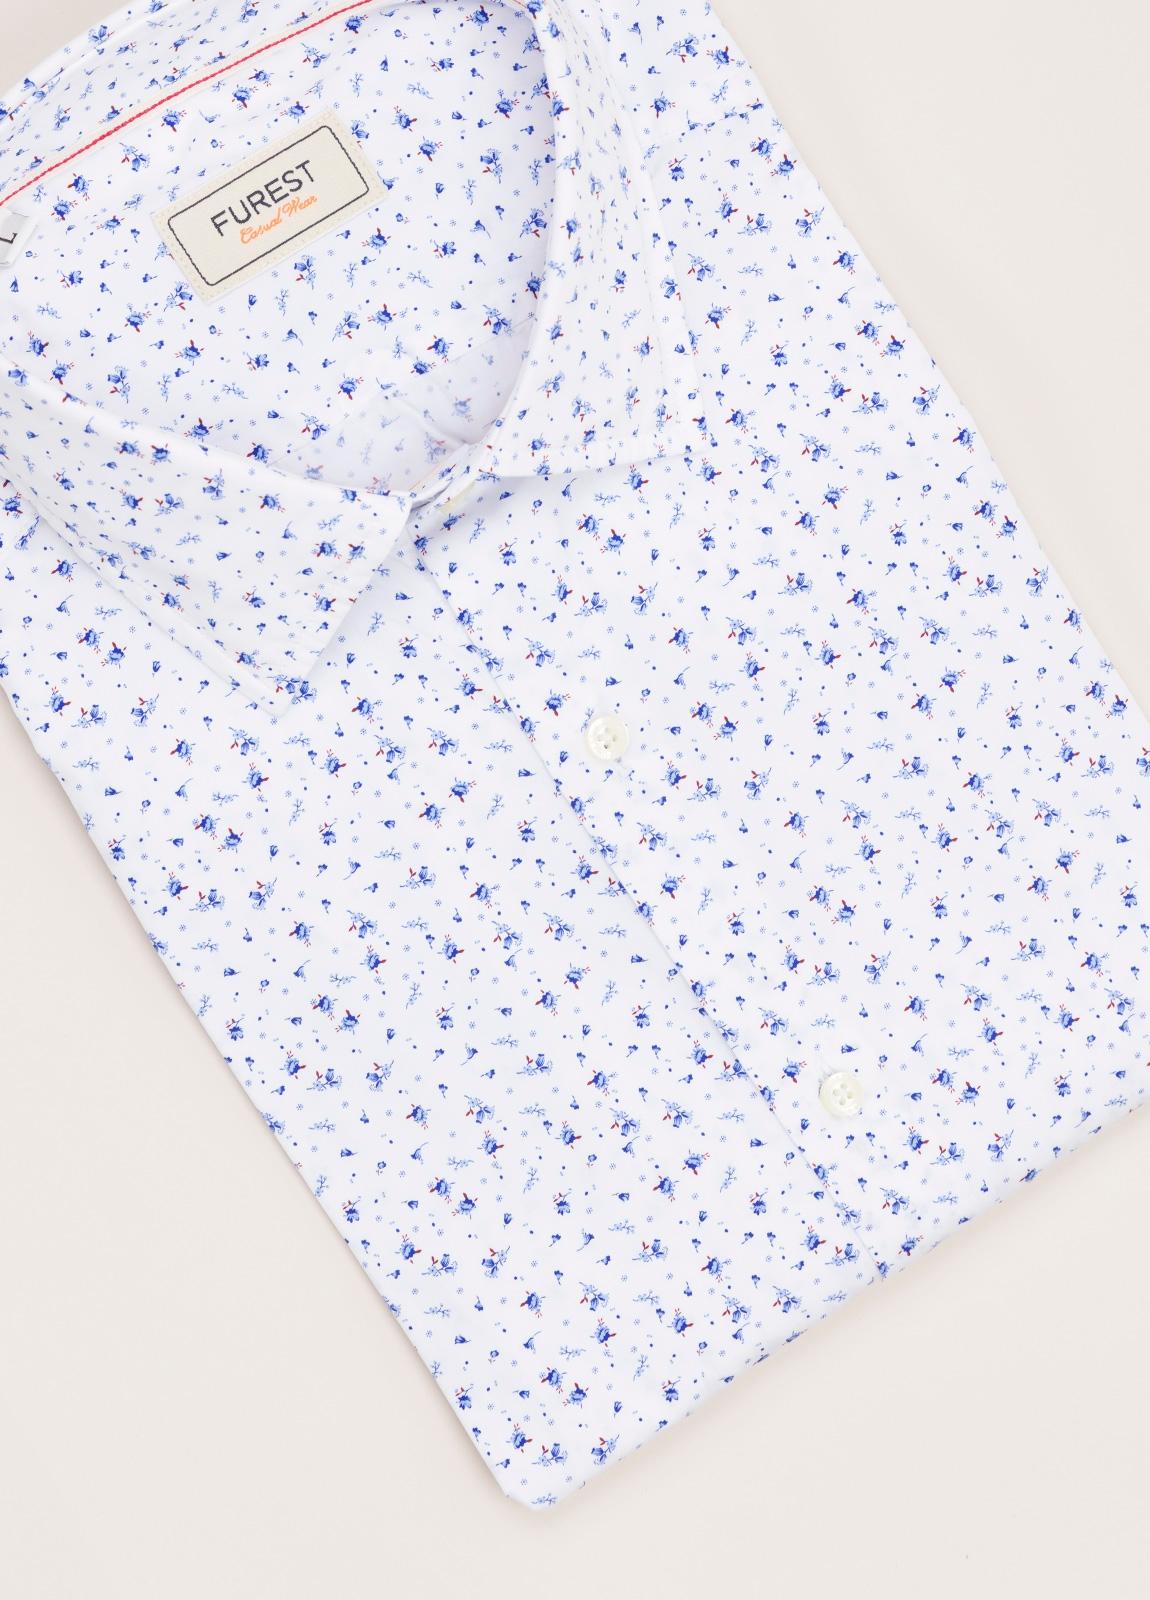 Camisa Casual Wear FUREST COLECCIÓN slim fit estampado - Ítem2